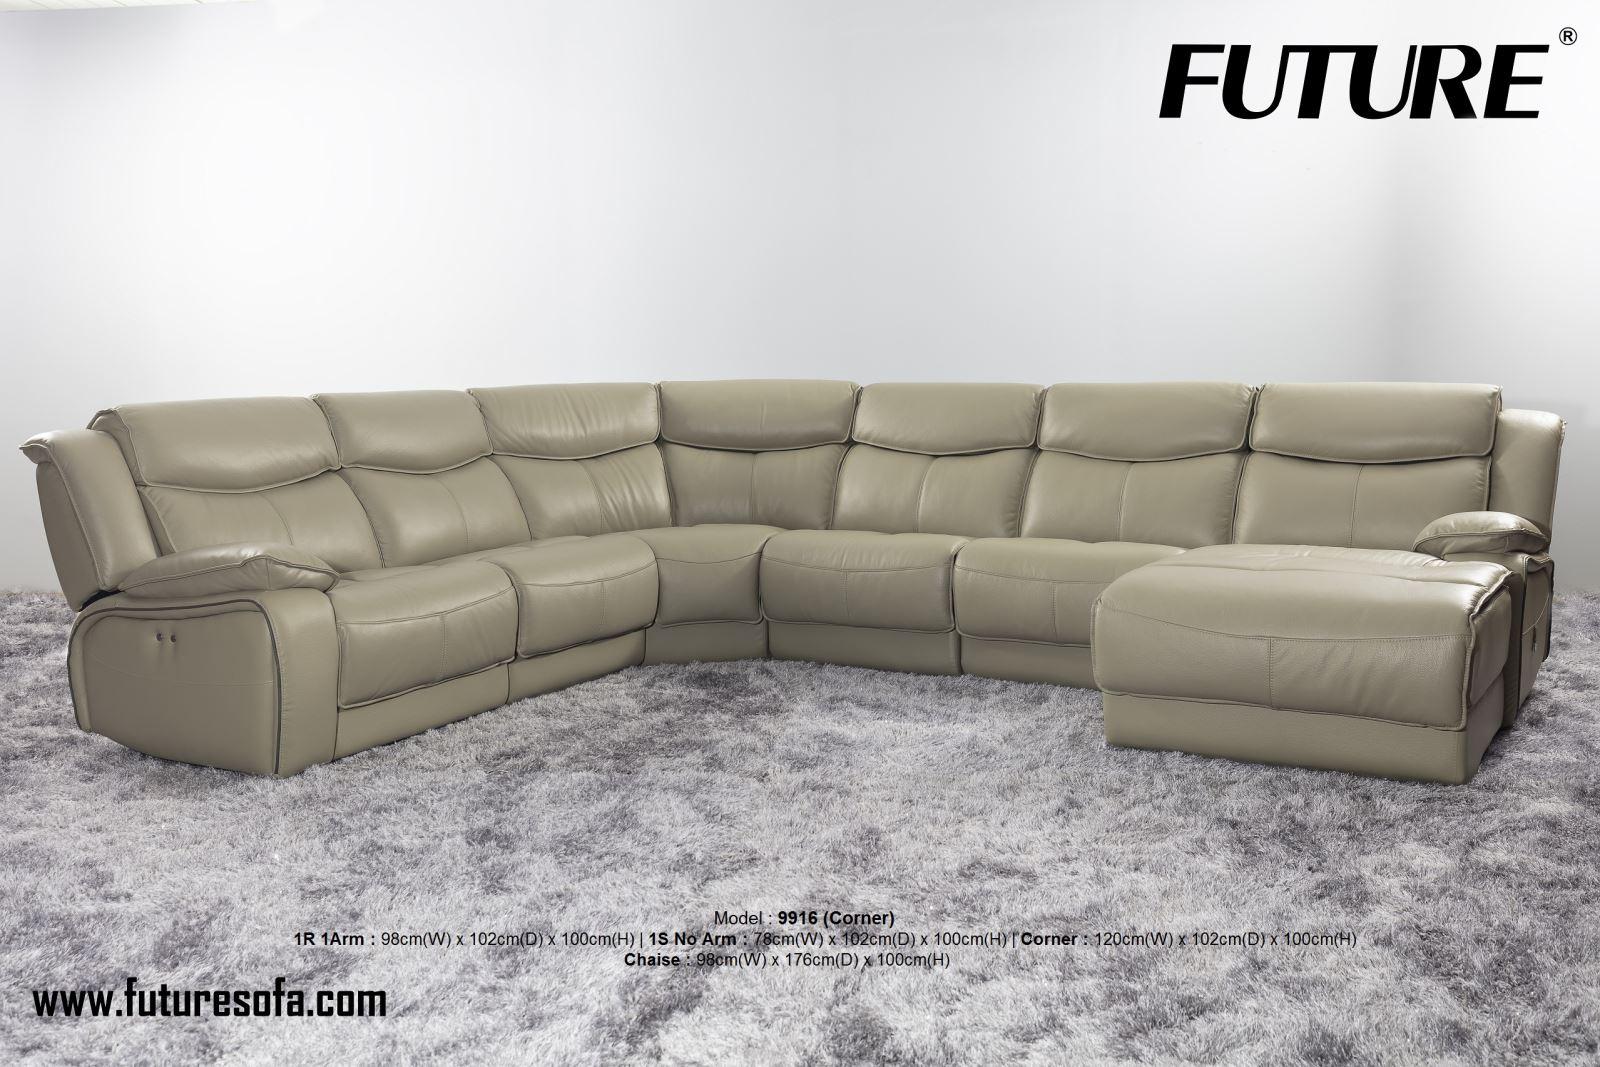 SOFA DA BÒ - FUTURE MODEL 9916 (GÓC)